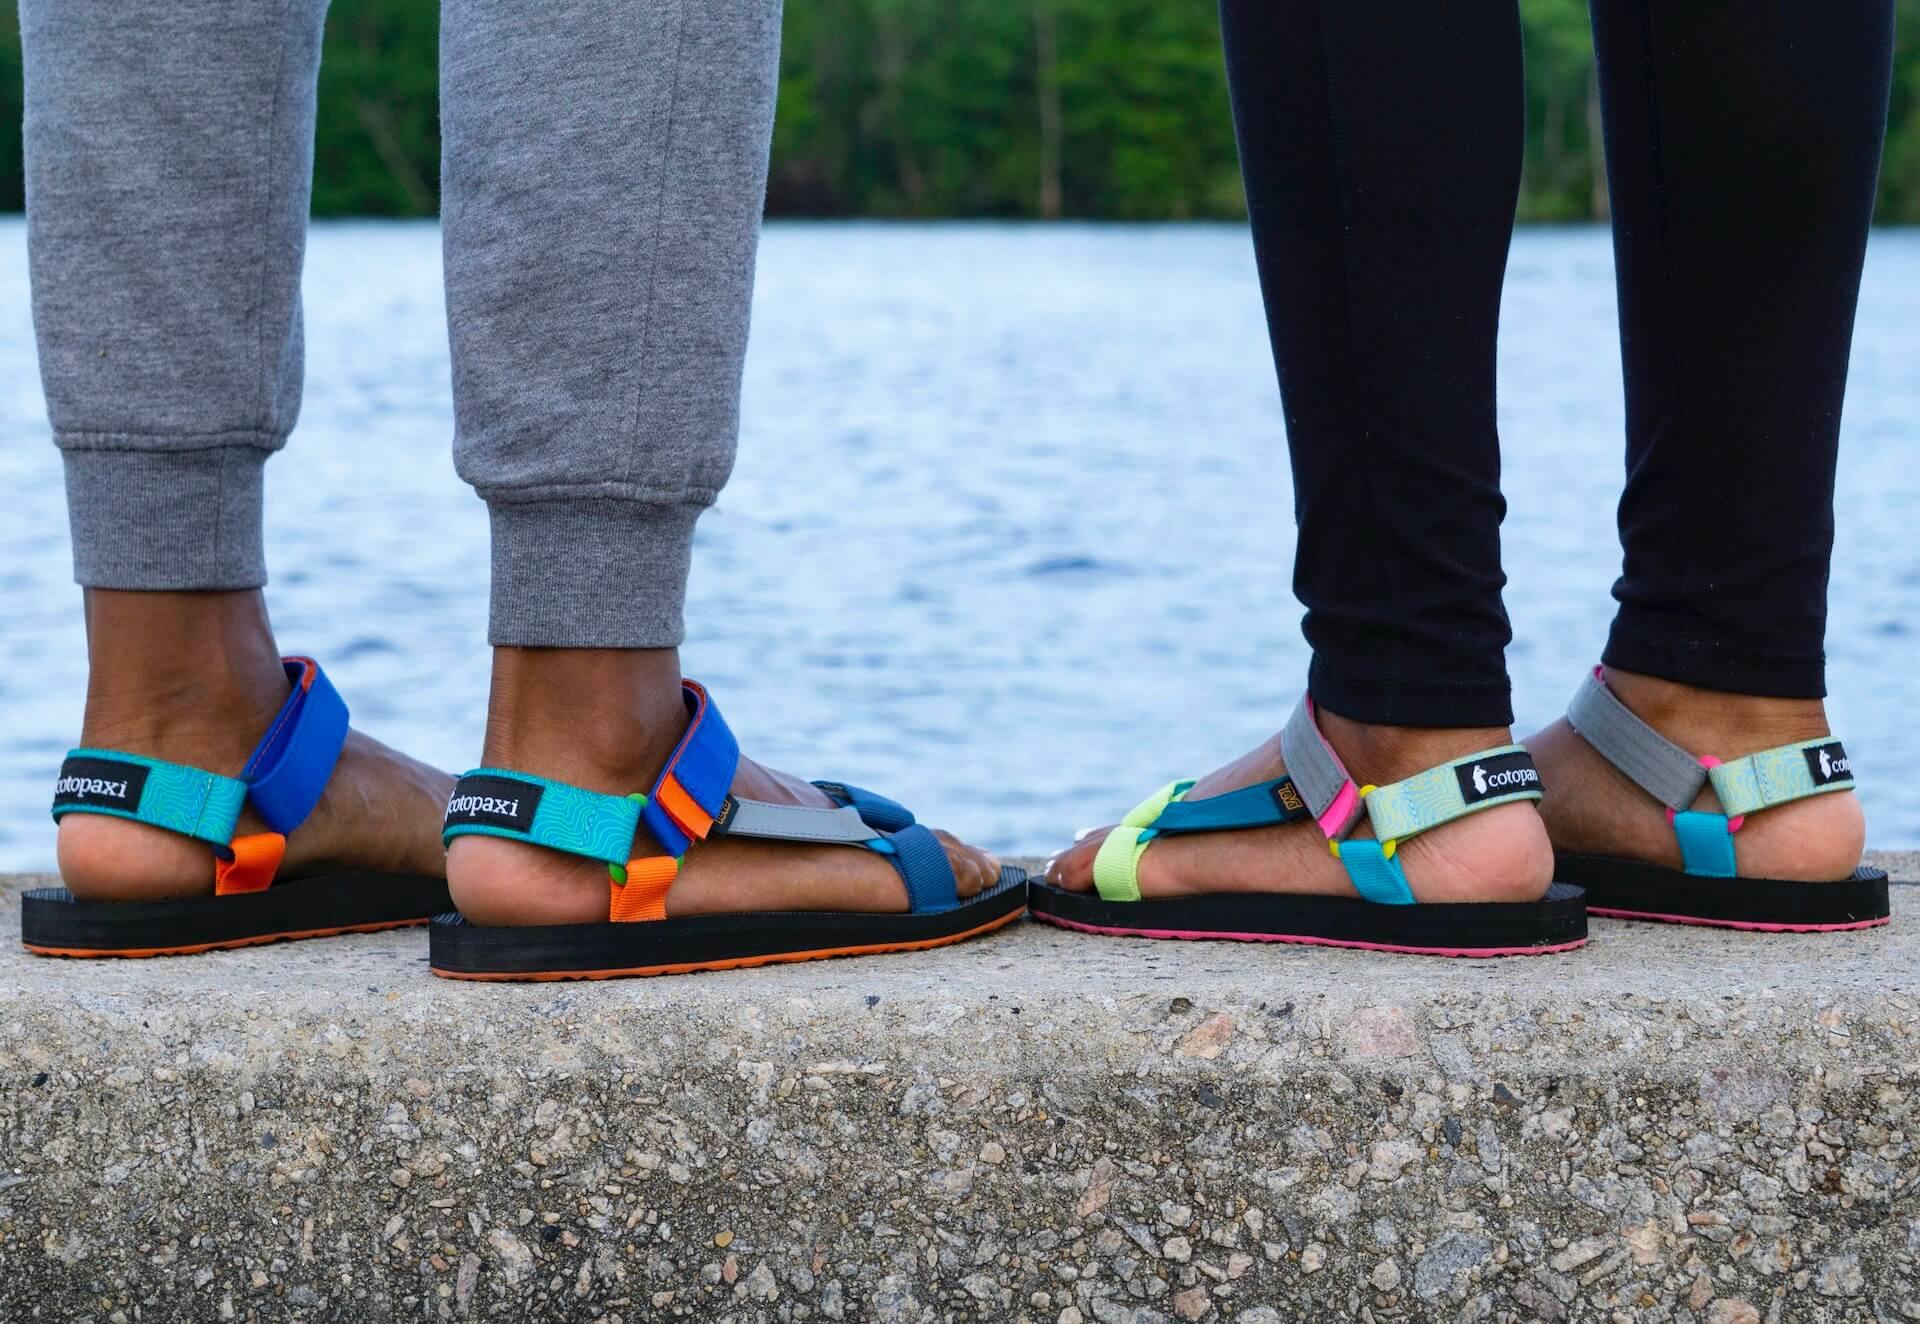 Tevaと米国の次世代アウトドアブランドCotopaxiがコラボ!サステナブルな素材にこだわったサンダルが本日発売 fashion2020729_teva9